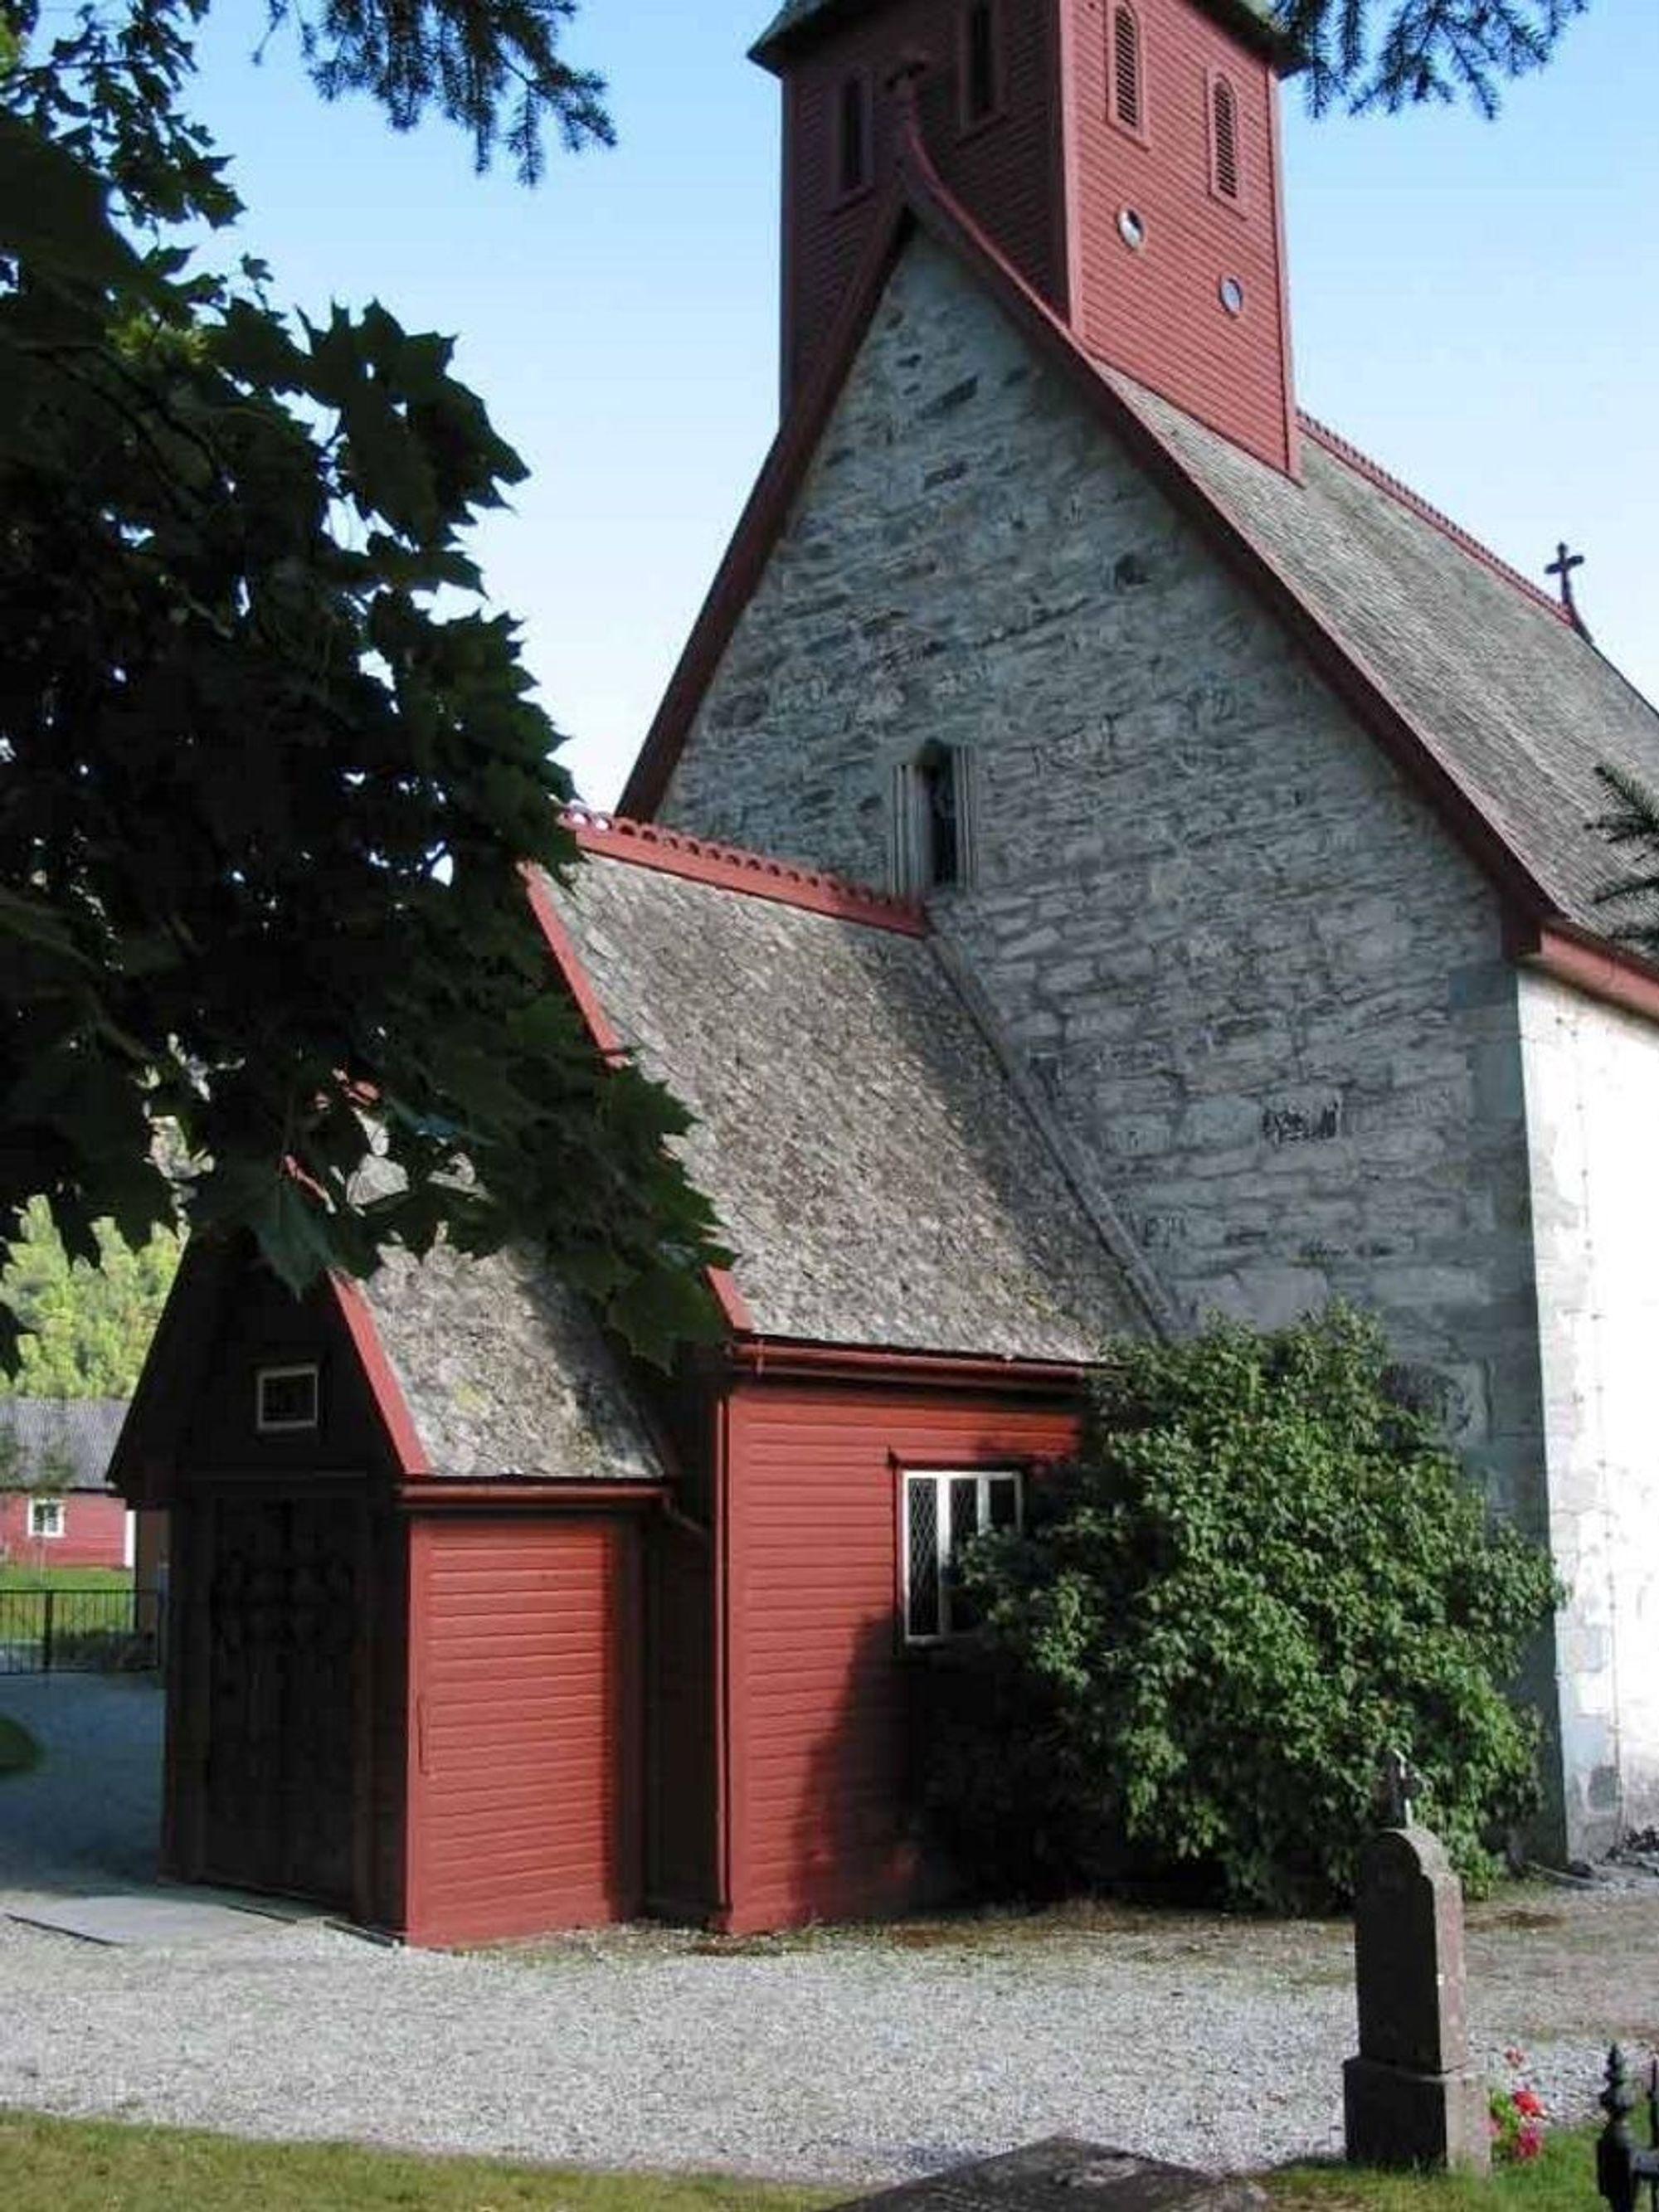 SKATT: Den flotte Dale kirke er et av de kirkebyggene som nå går inn i en nasjonal oversikt over kirkelige kulturskatter. FOTO: NORGES TURISTRÅD